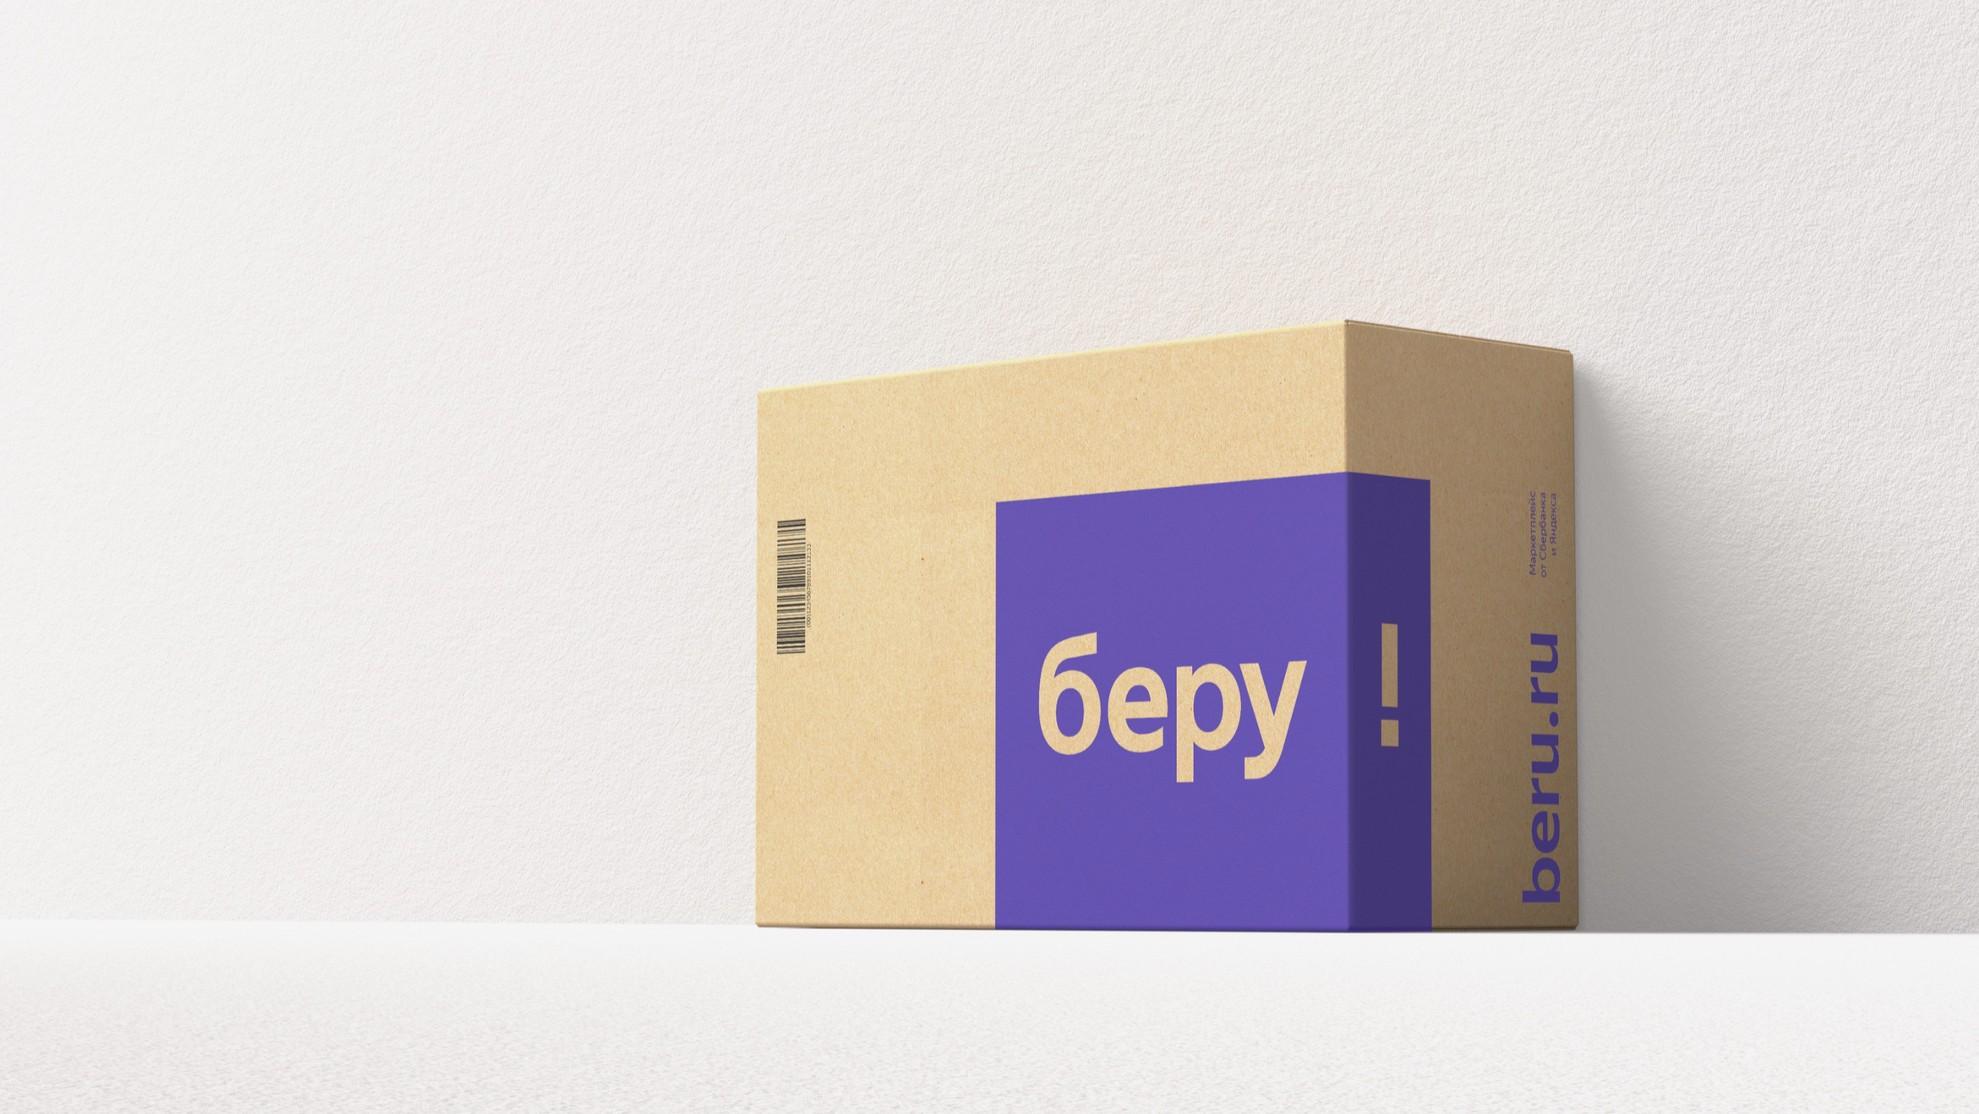 «Яндекс» и «Сбербанк» официально запустили онлайн-гипермаркет «Беру»